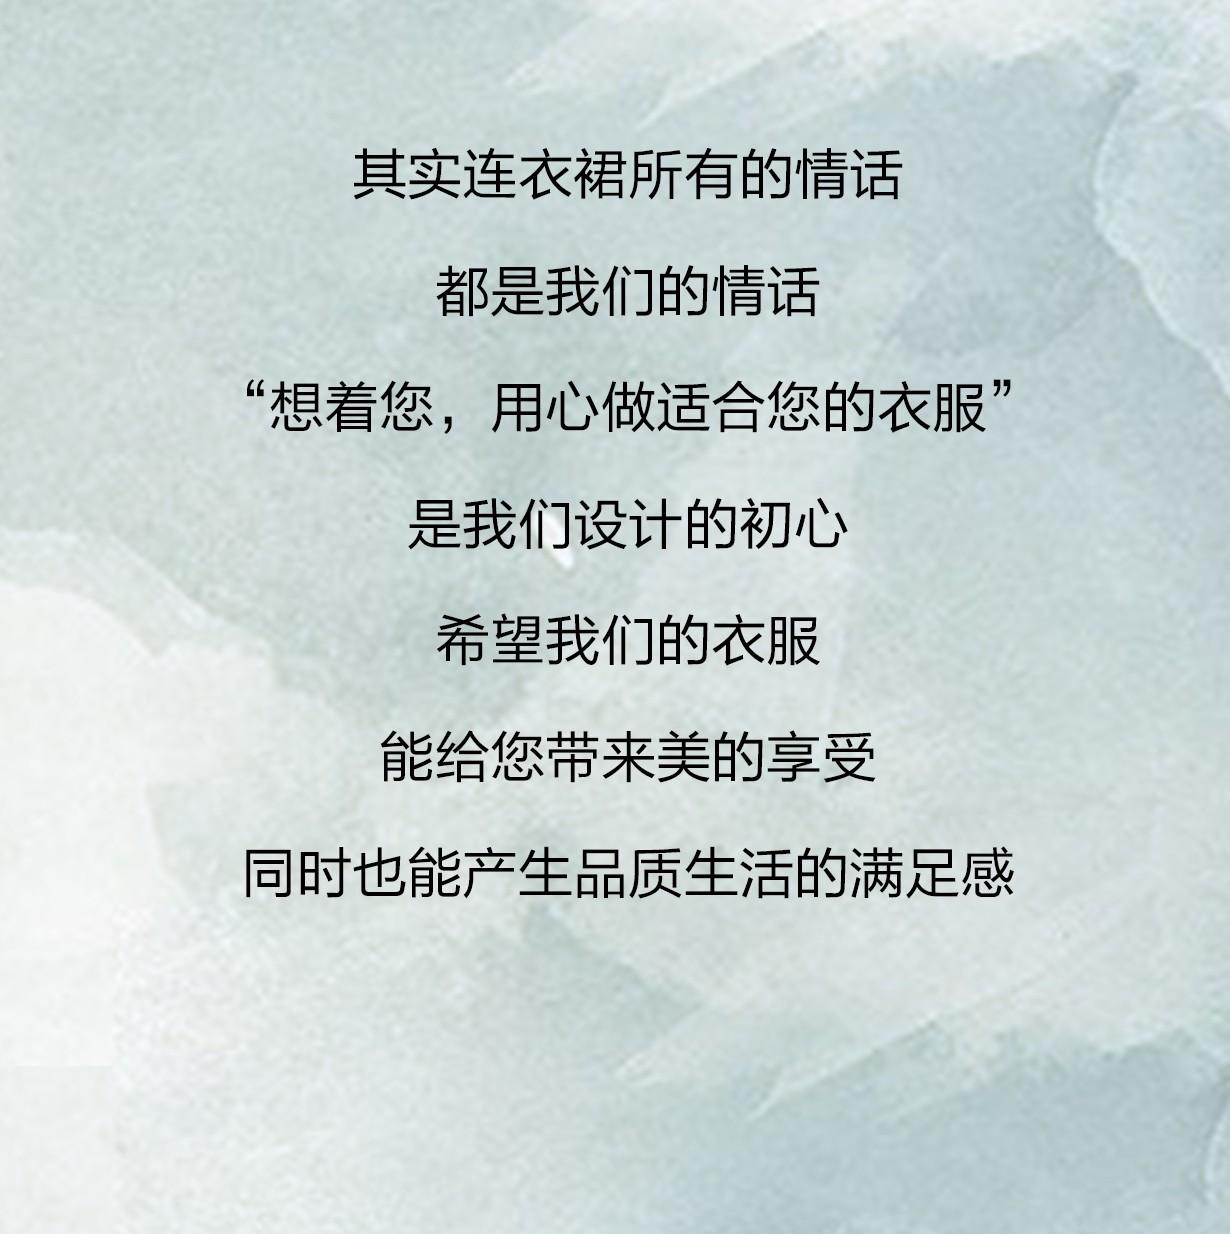 7_15.jpg